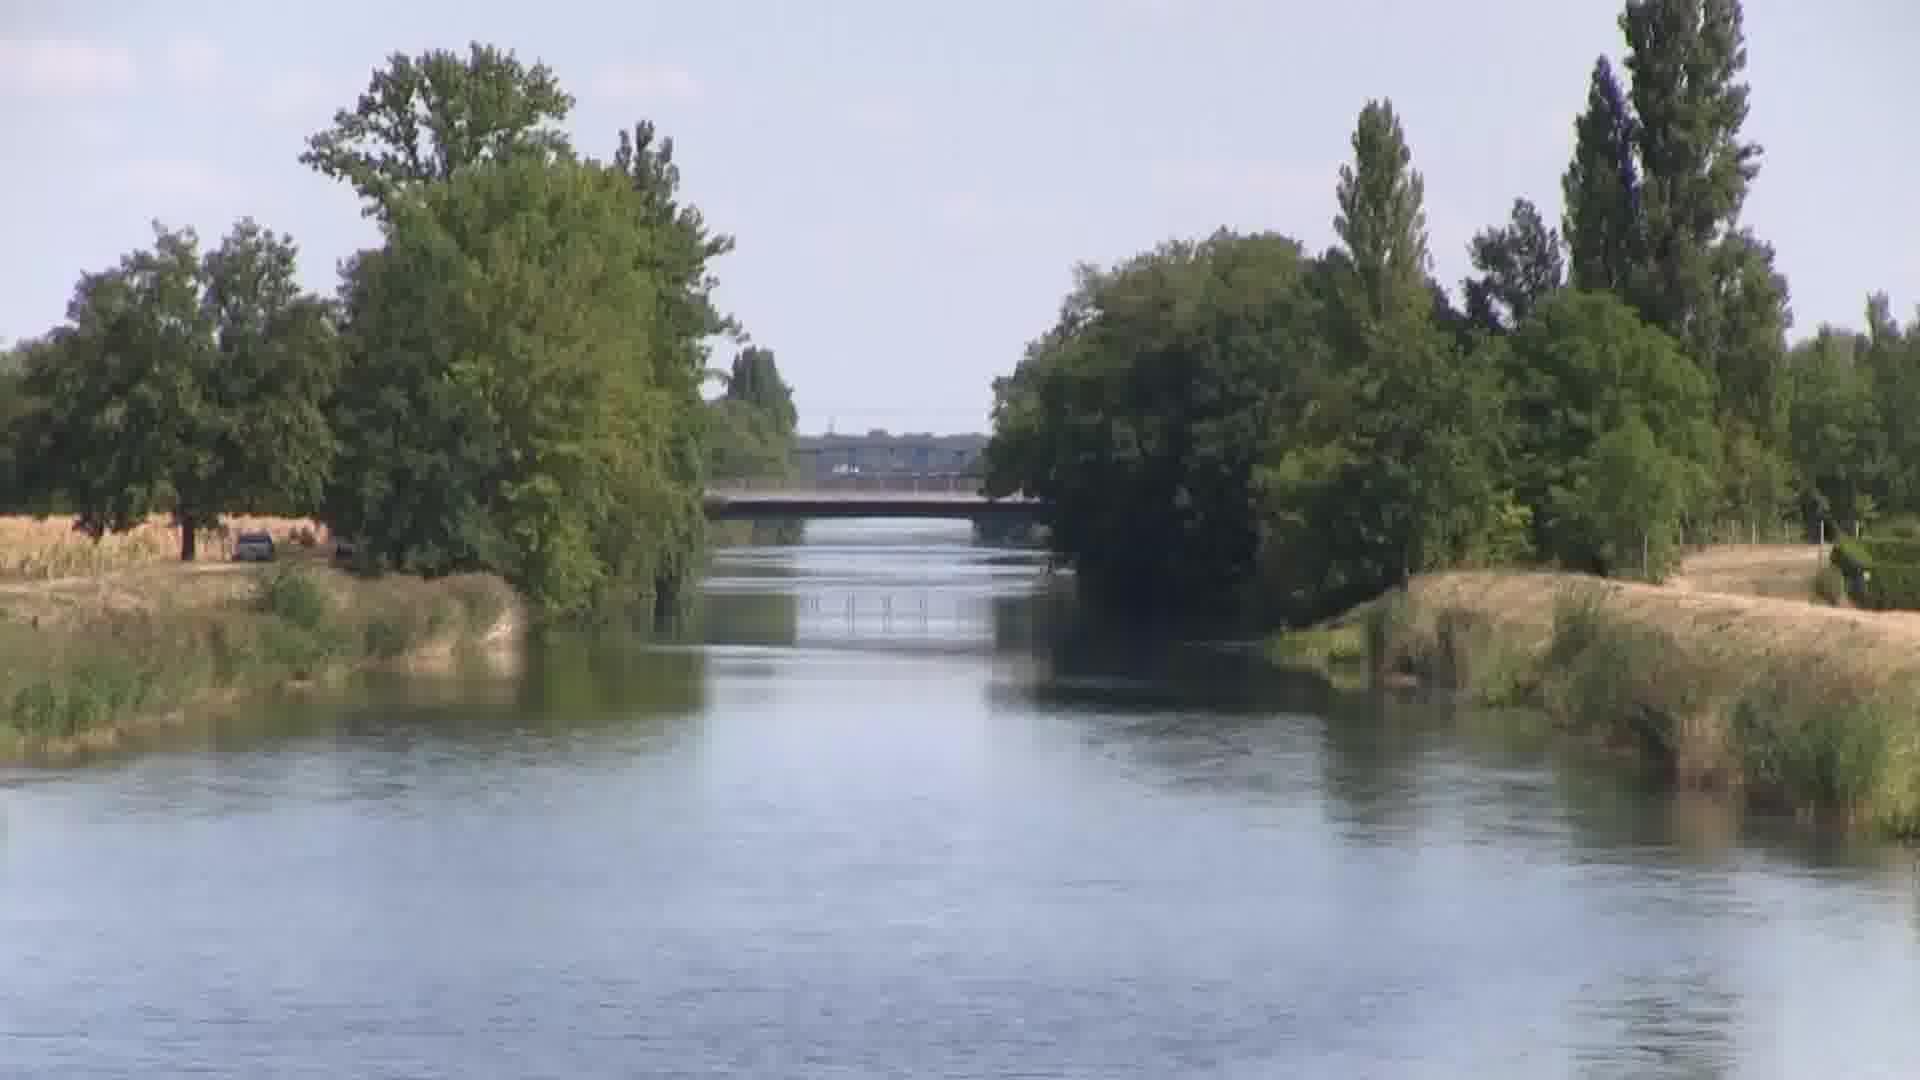 20 Jahre OK: Saale-Elster-Kanal: Michael Witfer unterwegs mit dem Heimatverein Friedensdorf